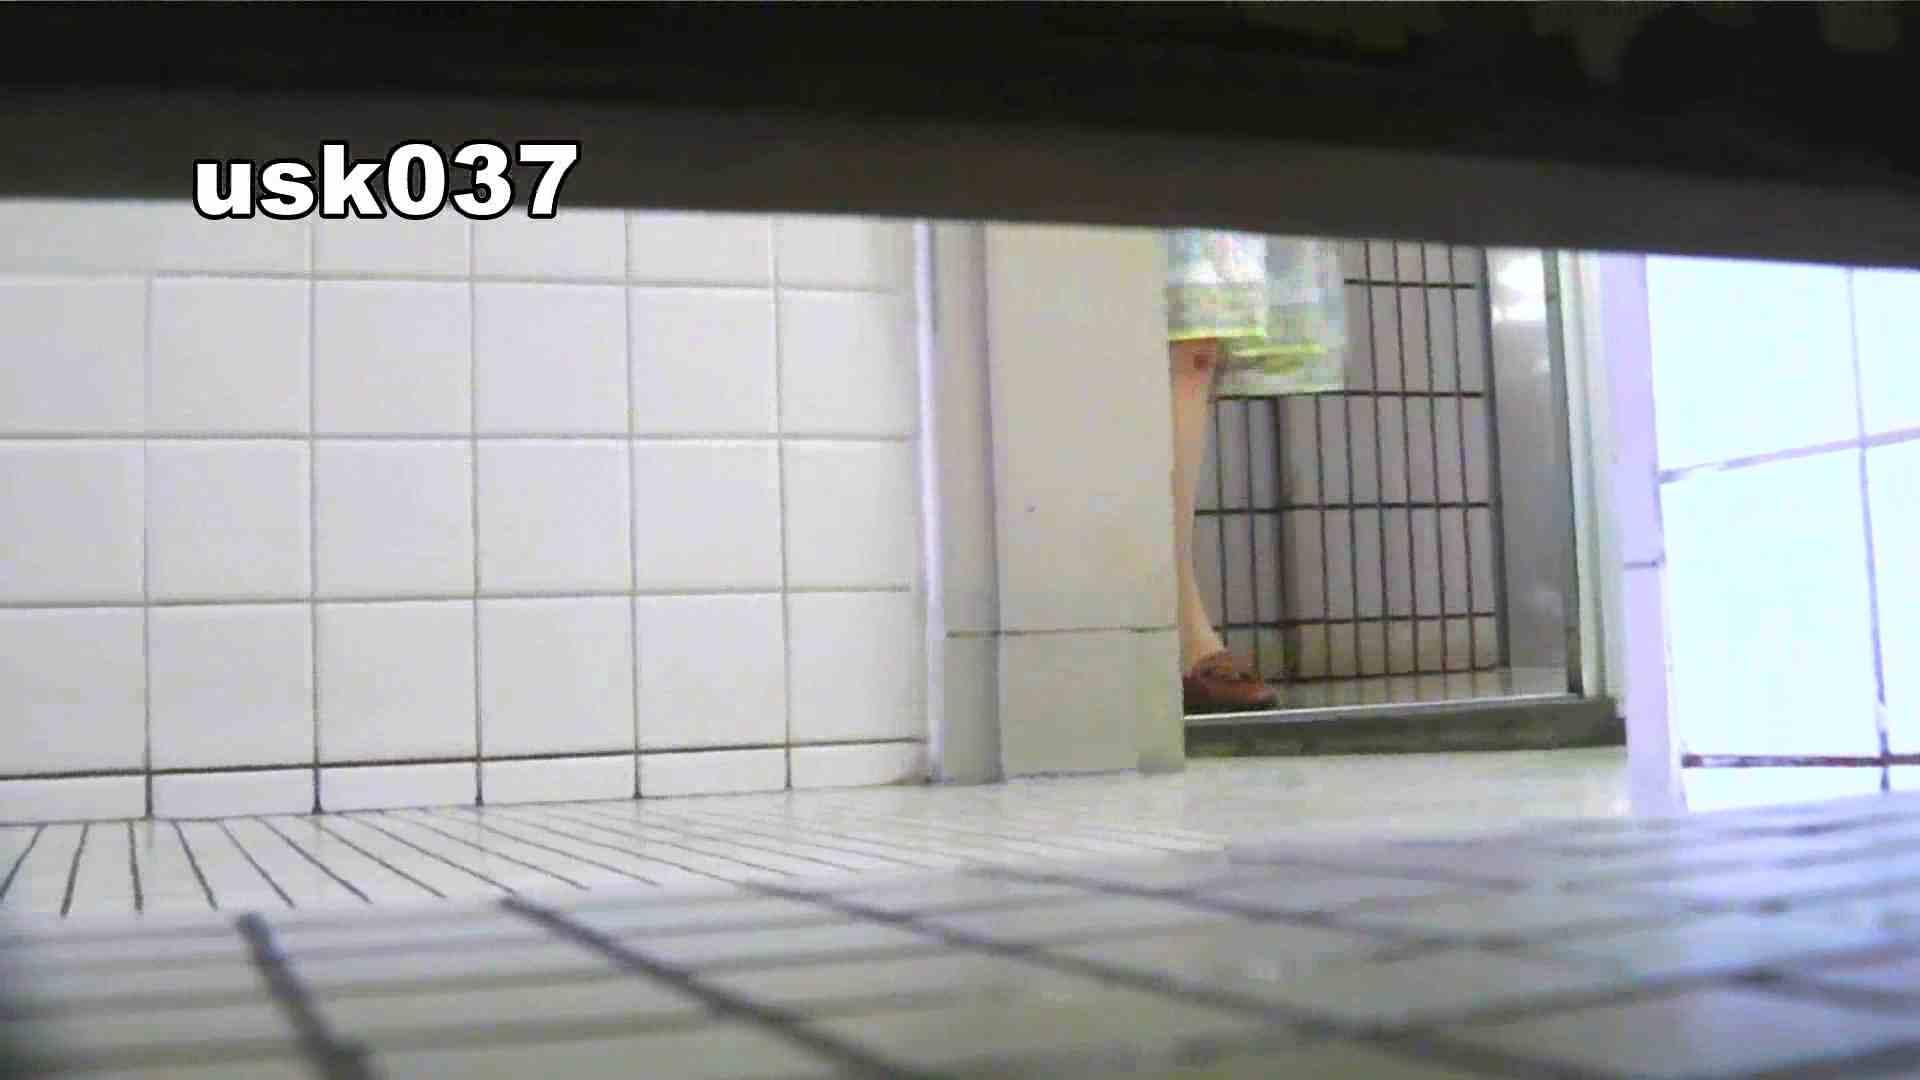 【美しき個室な世界】 vol.037 ひねり出す様子(フトイです) OLの実態 | 洗面所  90pic 81